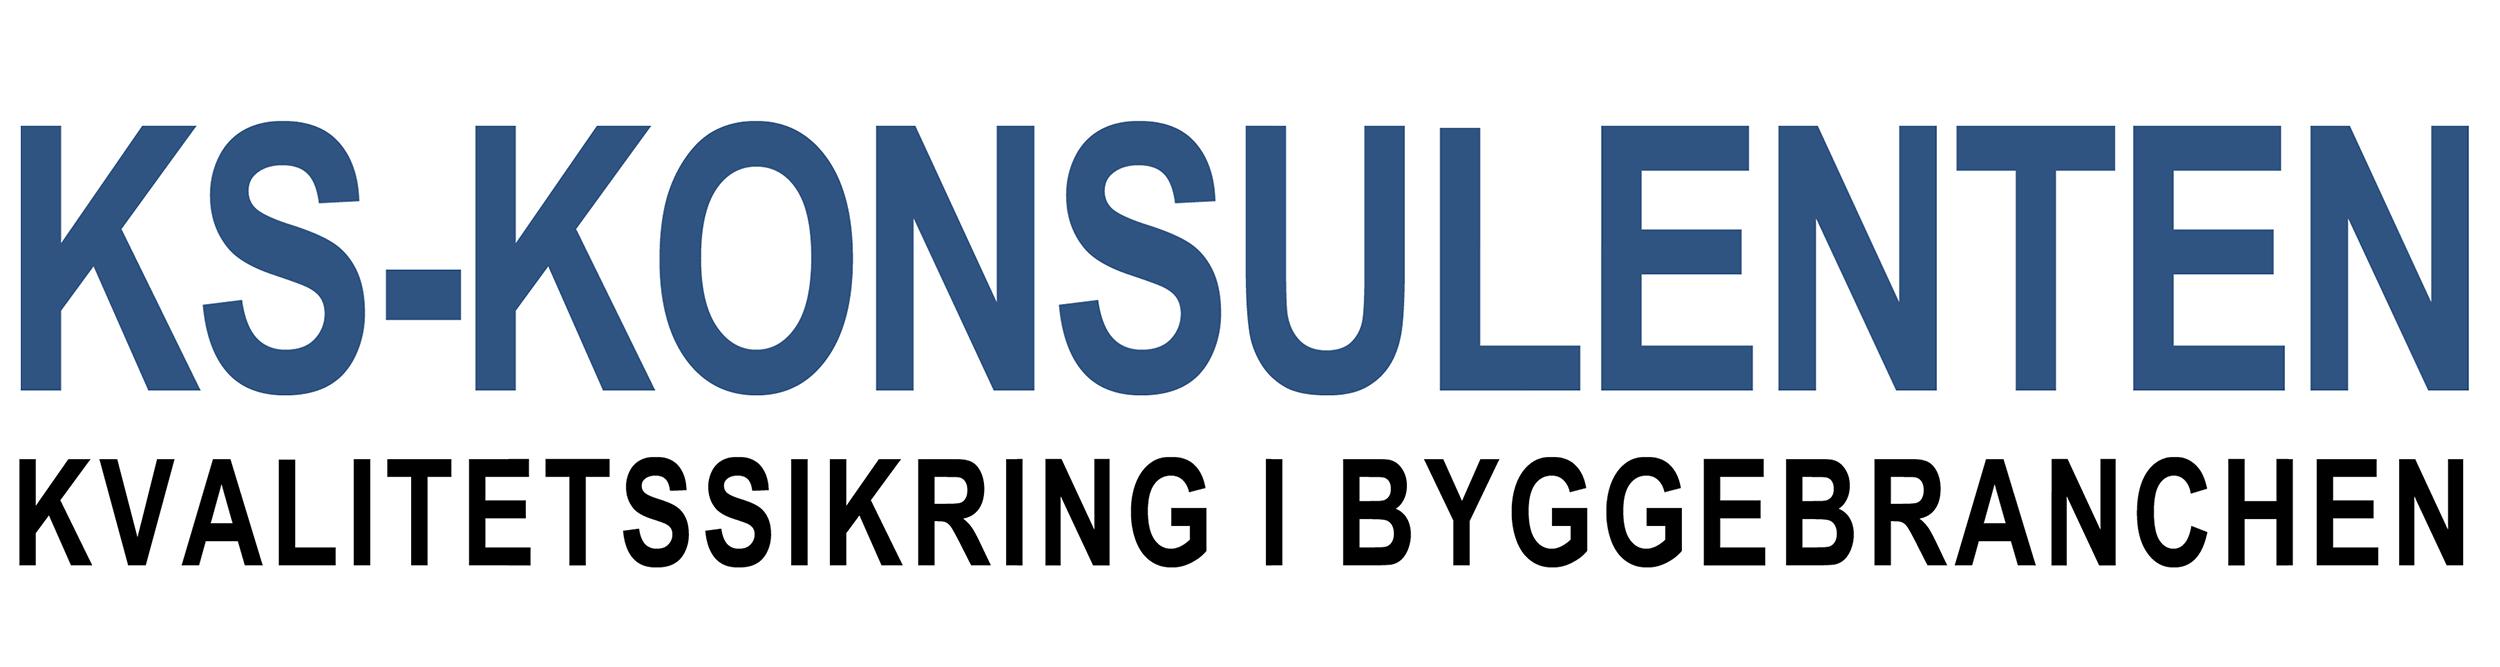 ks-konsulenten-logo-stor_WEB